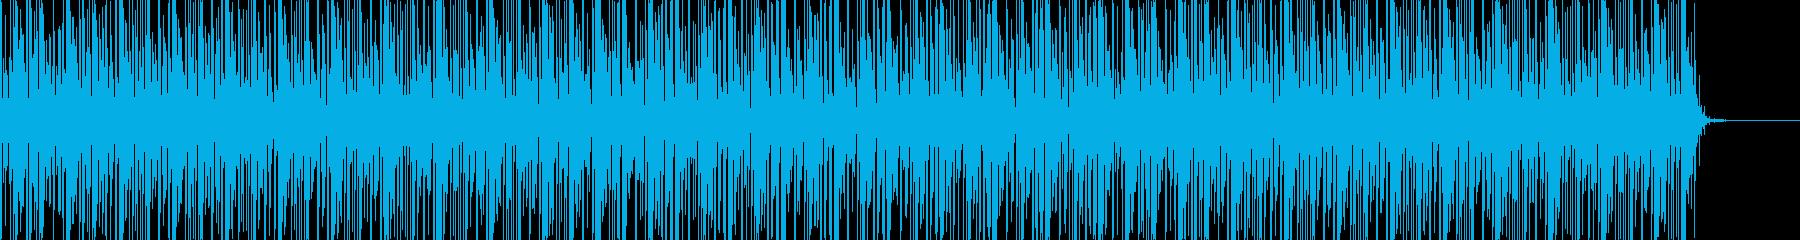 実用的シンセの無機質アンビエントBGM6の再生済みの波形